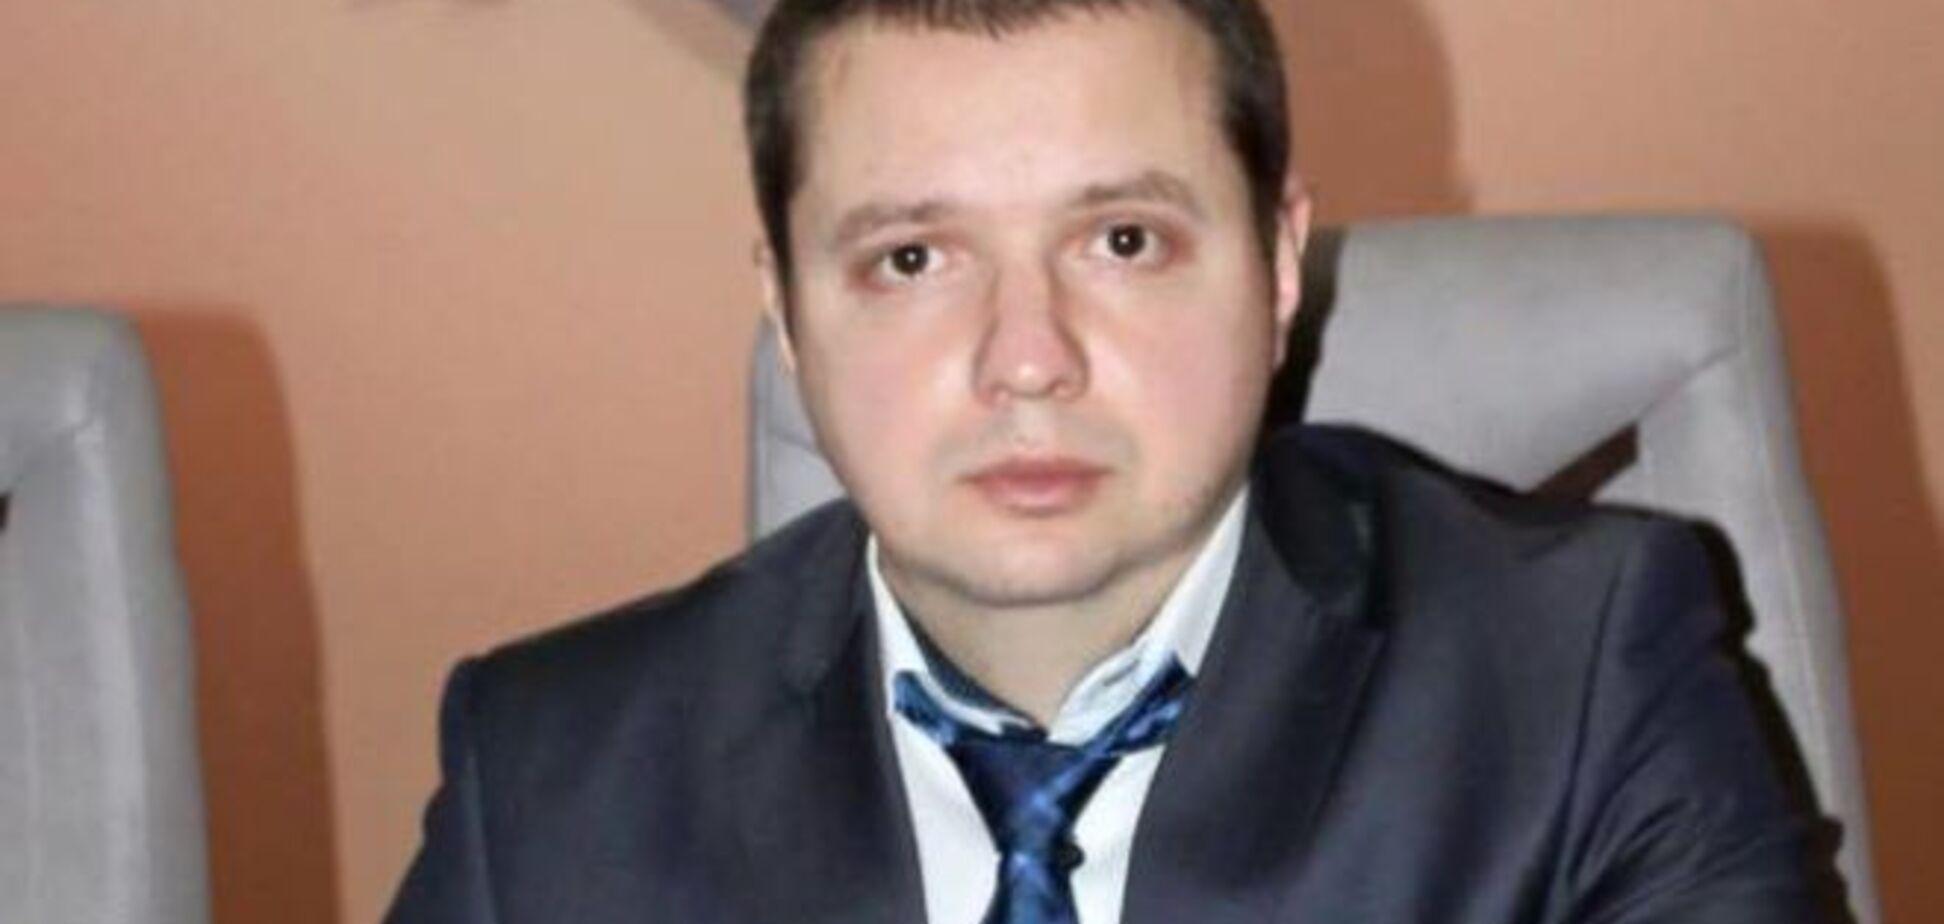 Заступник прокурора Закарпаття зайнявся 'віджиманням': опубліковано фото